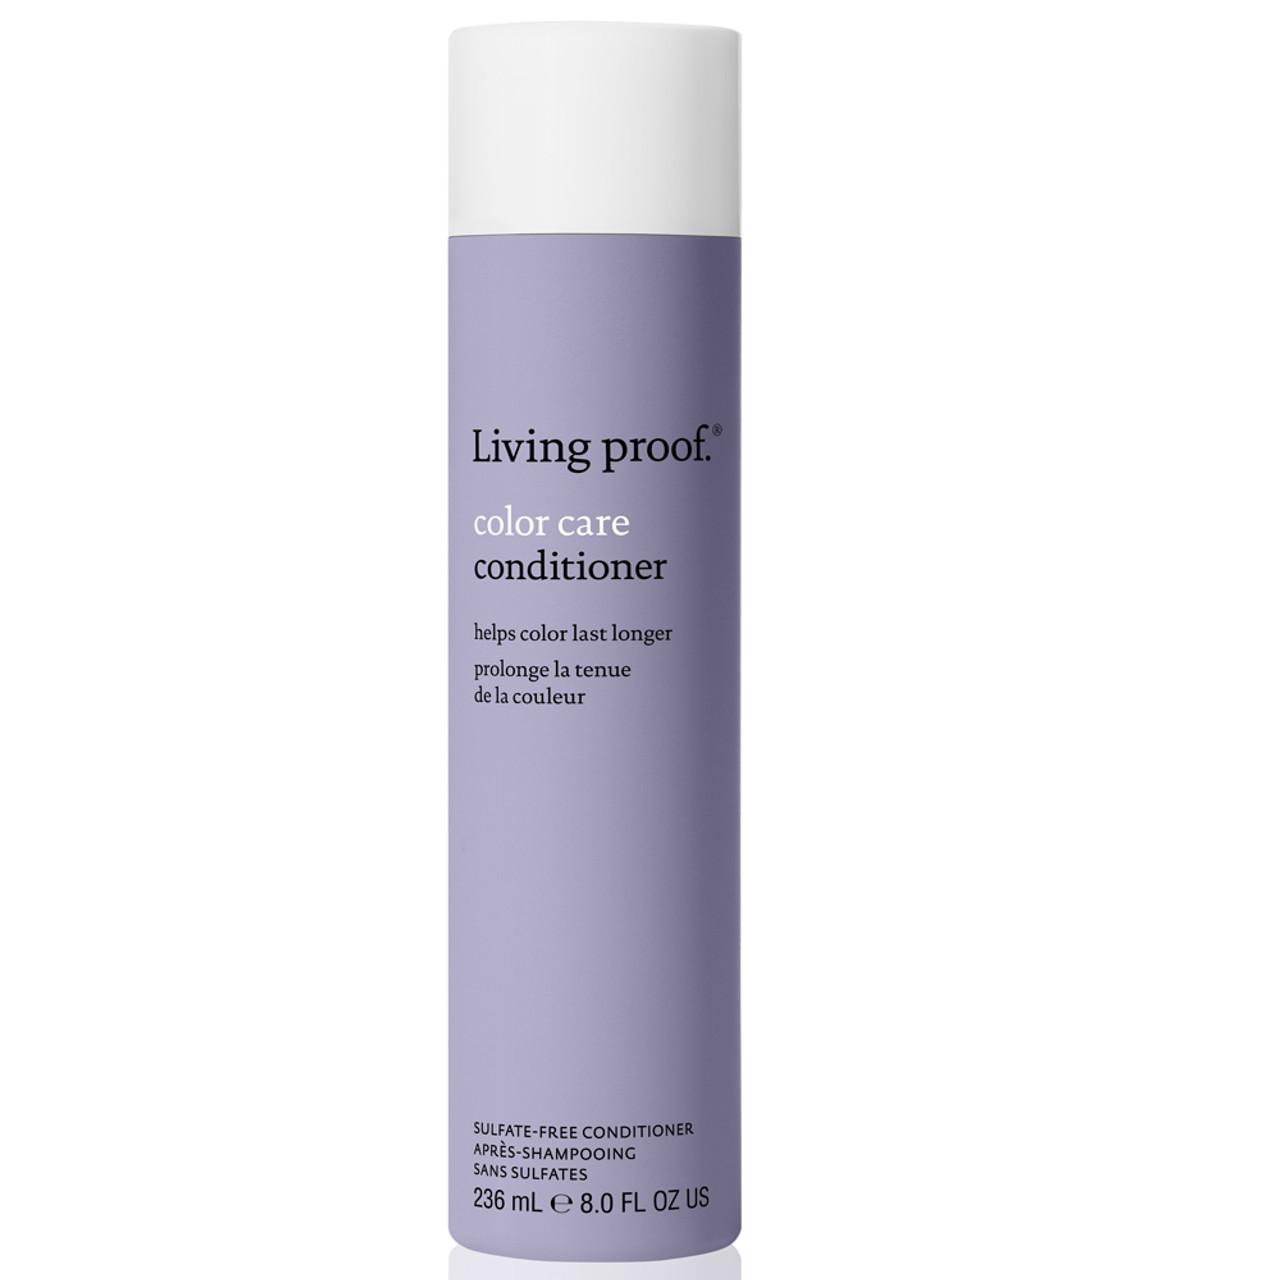 Living Proof Color Care Conditioner BeautifiedYou.com